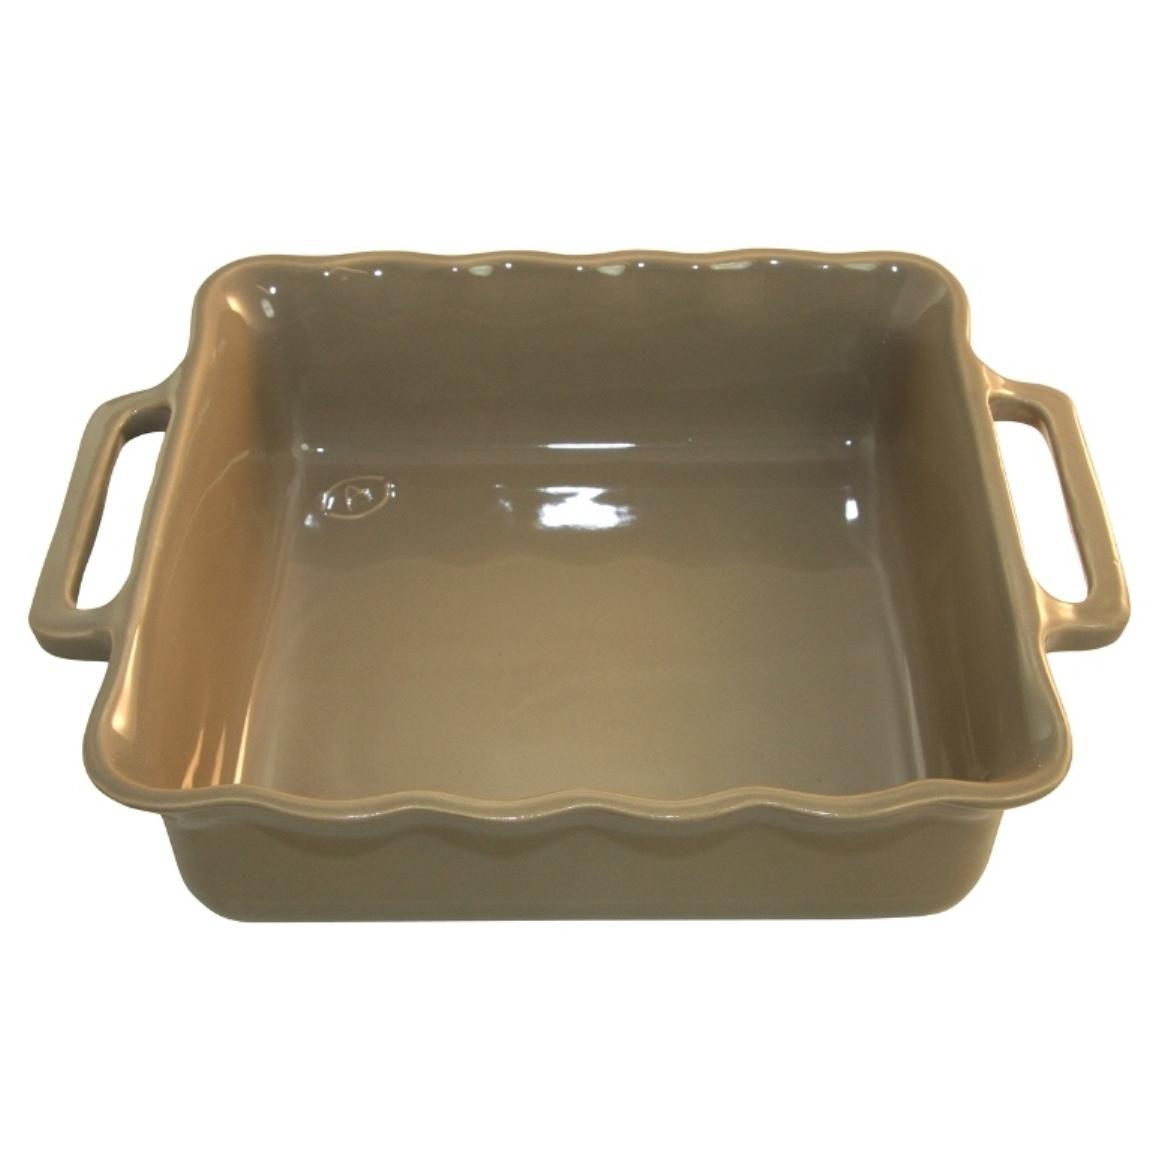 Форма квадратная 34,5 см Appolia Delices SAND 140034519Формы для запекания (выпечки)<br>Форма квадратная 34,5 см Appolia Delices SAND 140034519<br><br>Благодаря большому разнообразию изящных форм и широкой цветовой гамме, коллекция DELICES предлагает всевозможные варианты приготовления блюд для себя и гостей. Выбирайте цвета в соответствии с вашими желаниями и вашей кухне. Закругленные углы облегчают чистку. Легко использовать. Большие удобные ручки. Прочная жароустойчивая керамика экологична и изготавливается из высококачественной глины. Прочная глазурь устойчива к растрескиванию и сколам, не содержит свинца и кадмия. Глина обеспечивает медленный и равномерный нагрев, деликатное приготовление с сохранением всех питательных веществ и витаминов, а та же долго сохраняет тепло, что удобно при сервировке горячих блюд.<br>